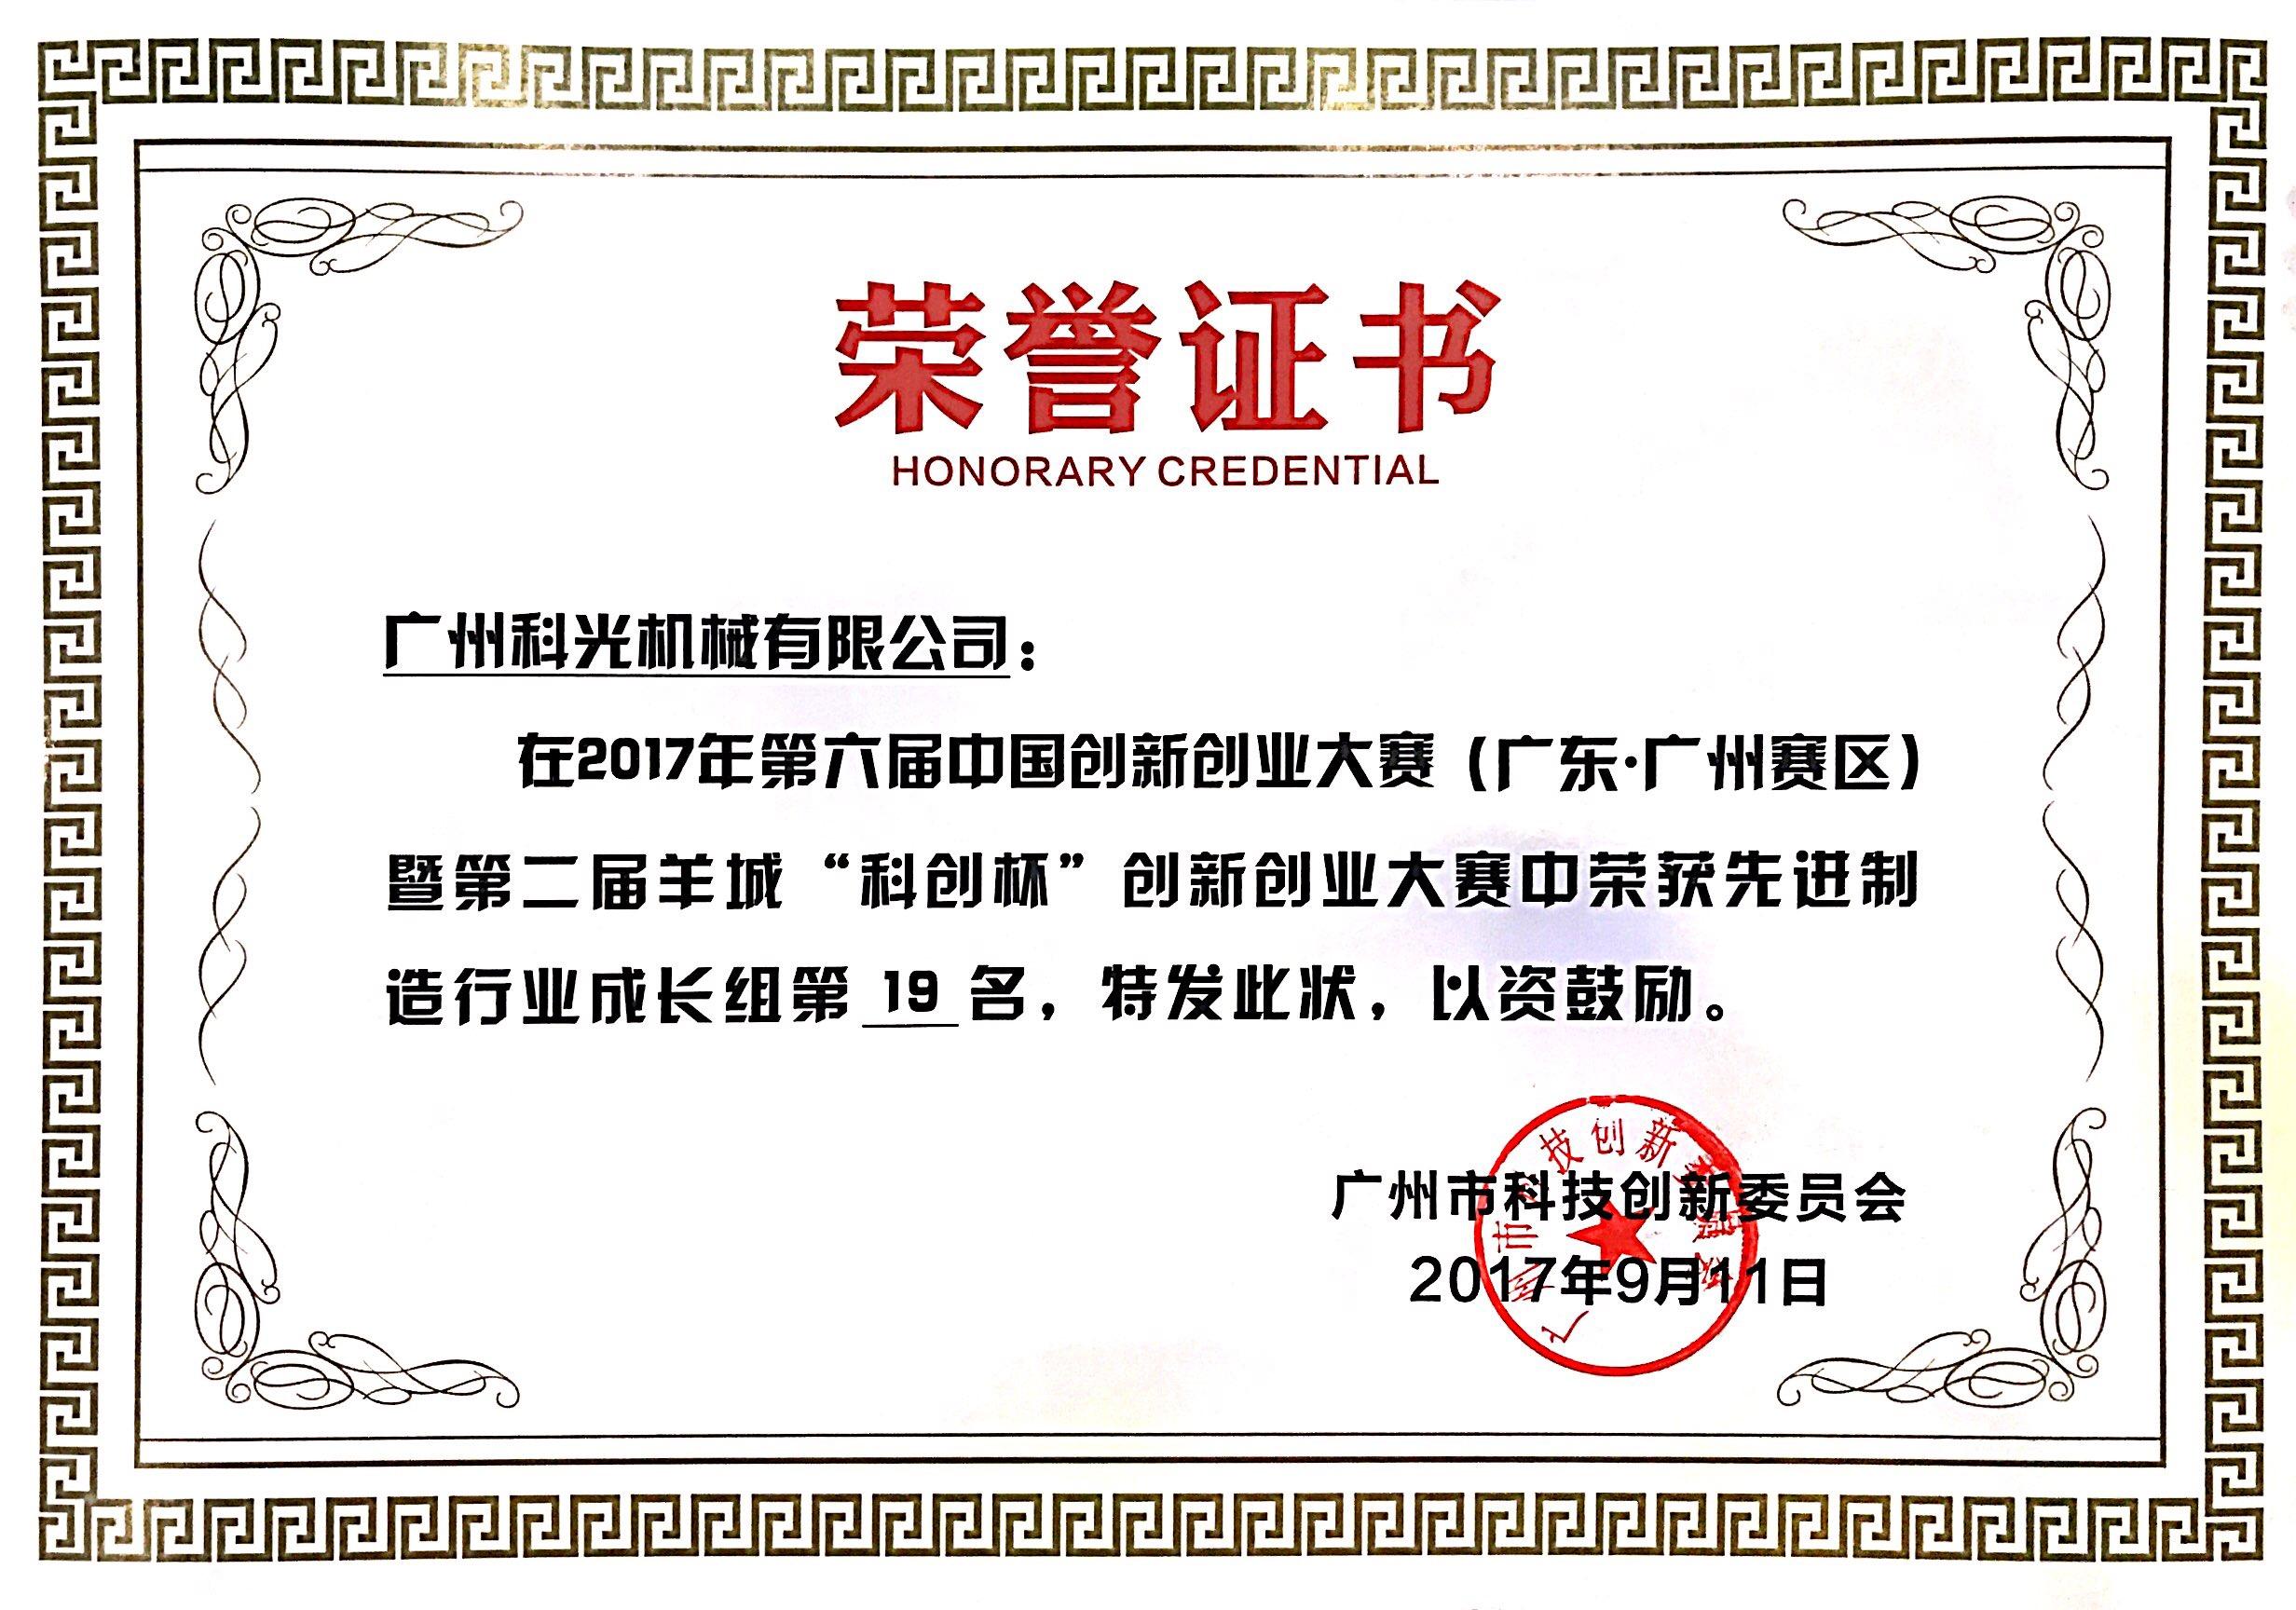 第六届中国创新创业大赛获奖证书